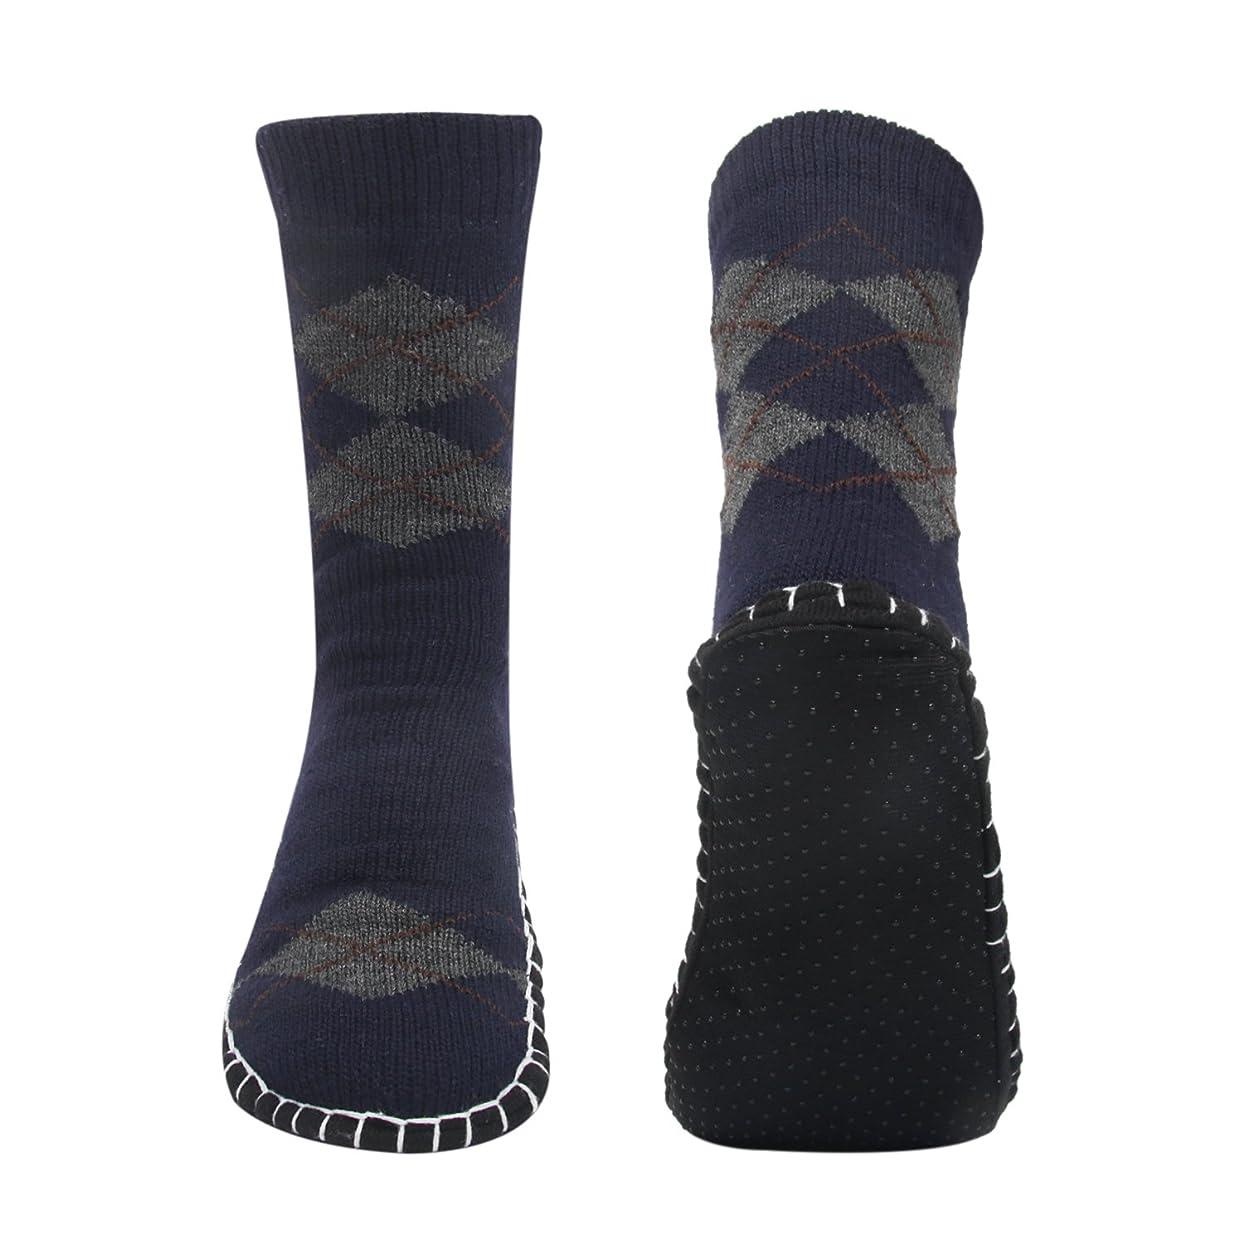 ポンプシンボル過激派ルームソックス メンズ靴下 室内履き ルームシューズ 滑り止め加工 自宅仕事用 ニット 暖かい もこもこ 寒気防止 両足温める 柔軟 編み物 24-28cm